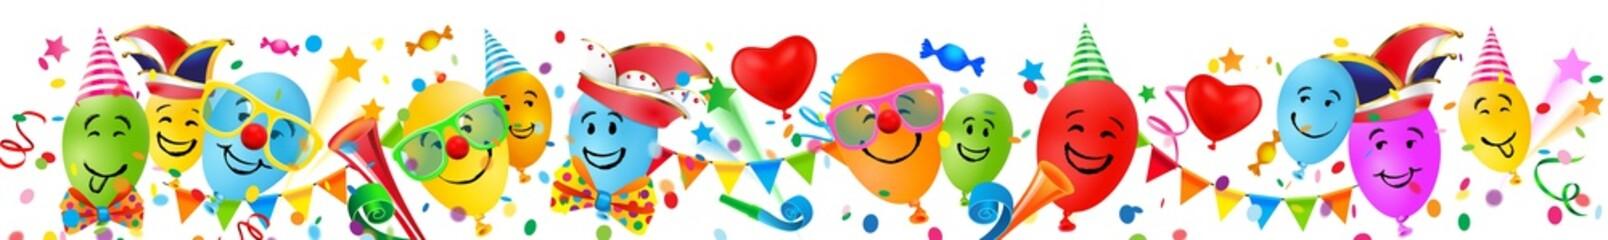 Bunte Luftballons mit lustigen Gesichtern, Konfetti und Fasching Accessoires - Banner